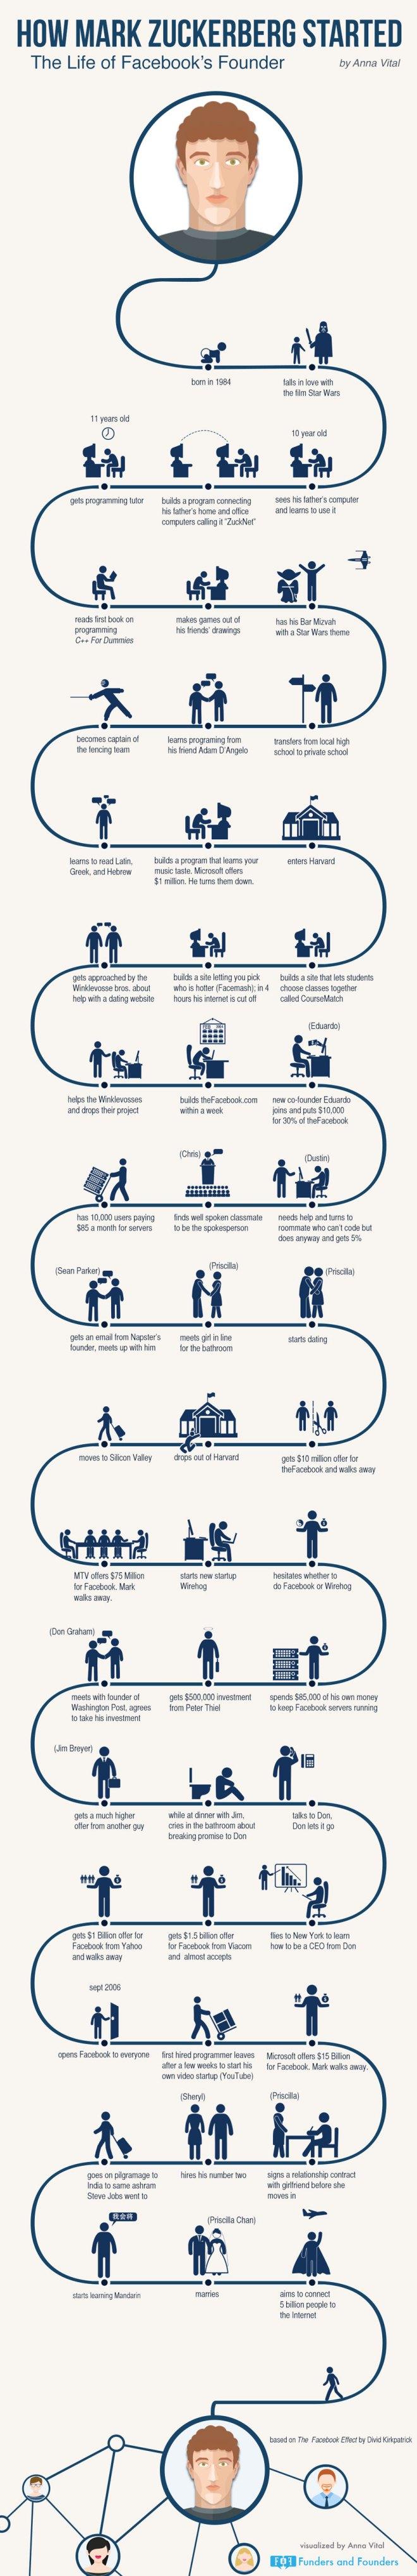 start-a-social-network